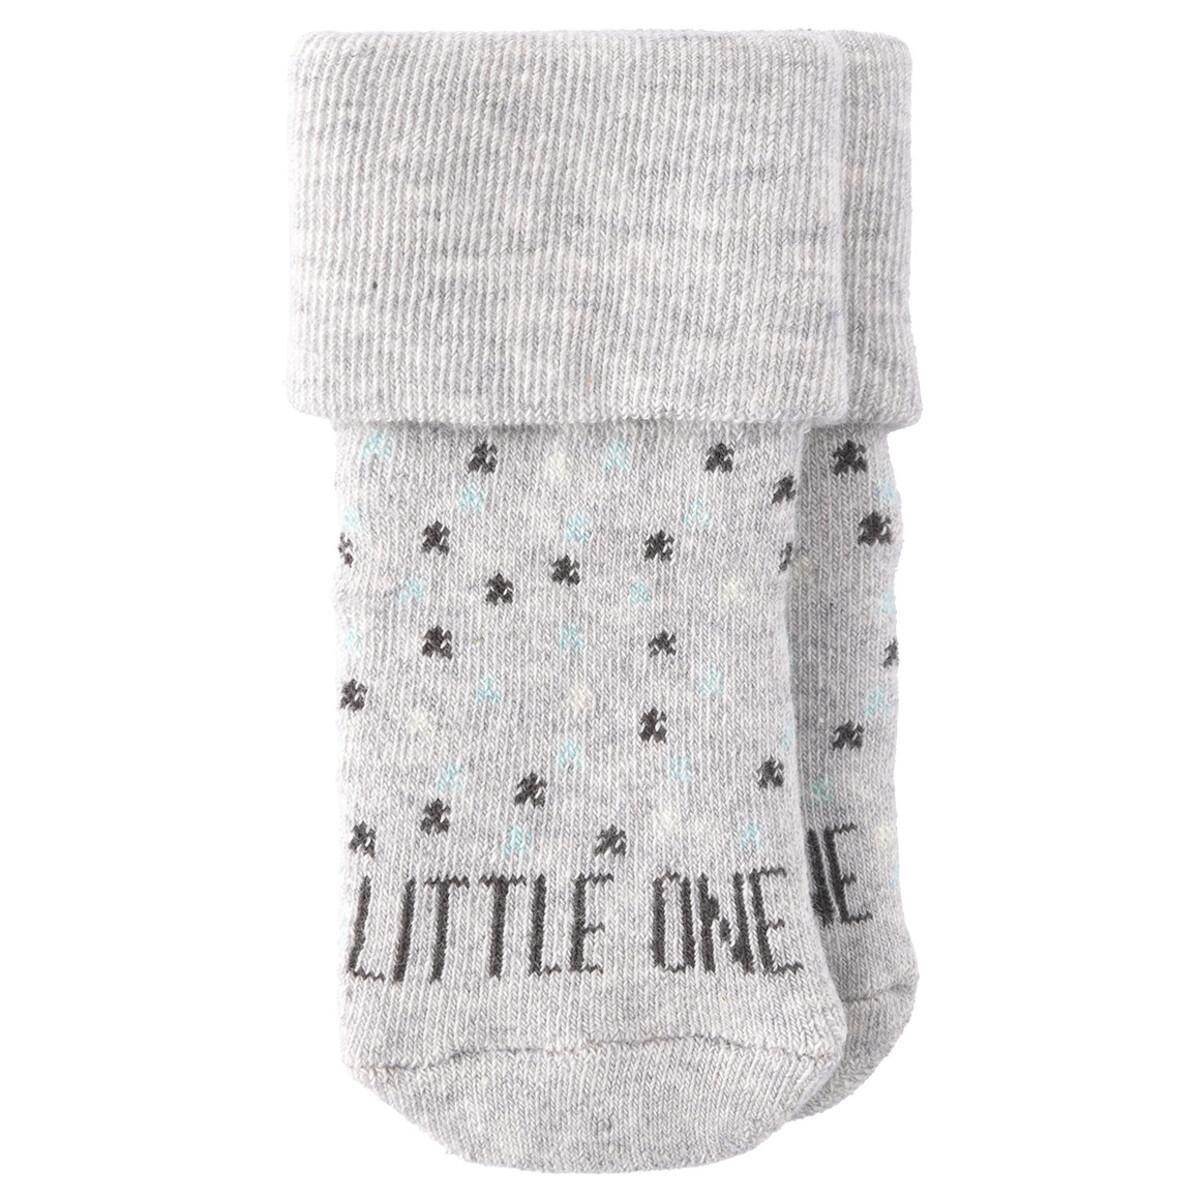 Bild 5 von 3 Paar Newborn Socken im Set